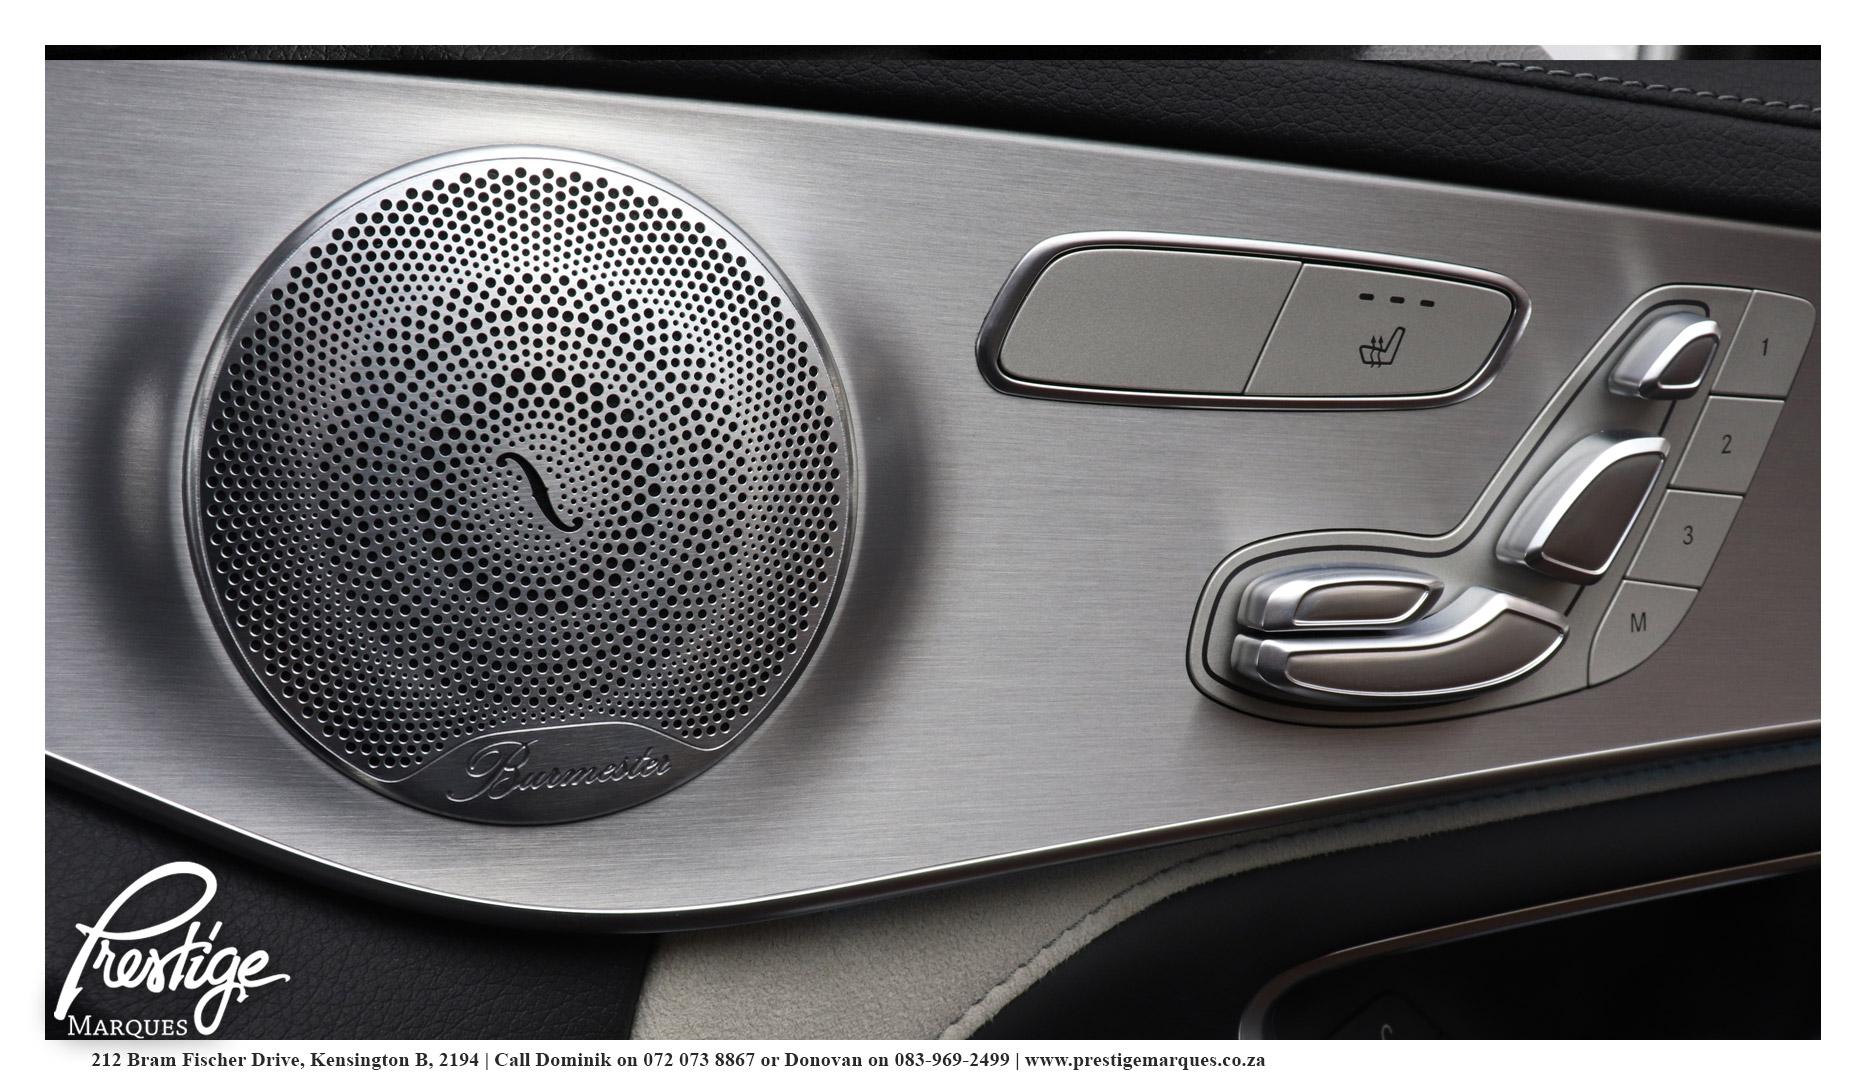 Mercedes-Benz-C63s-AMG-Prestige-Marques-16